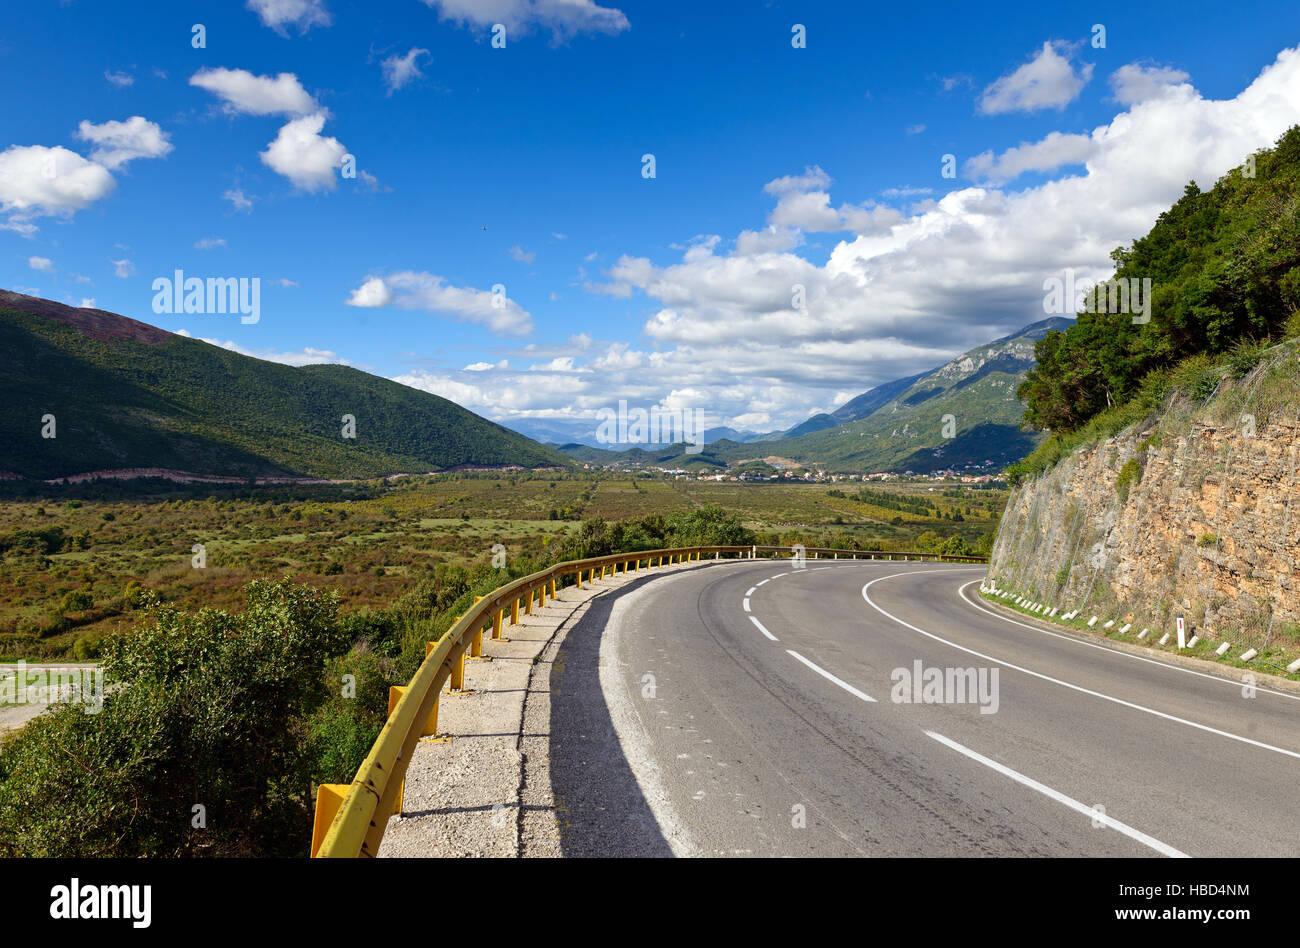 The Adriatic highway near Jaz Beach, Budva, Montenegro, Europe - Stock Image